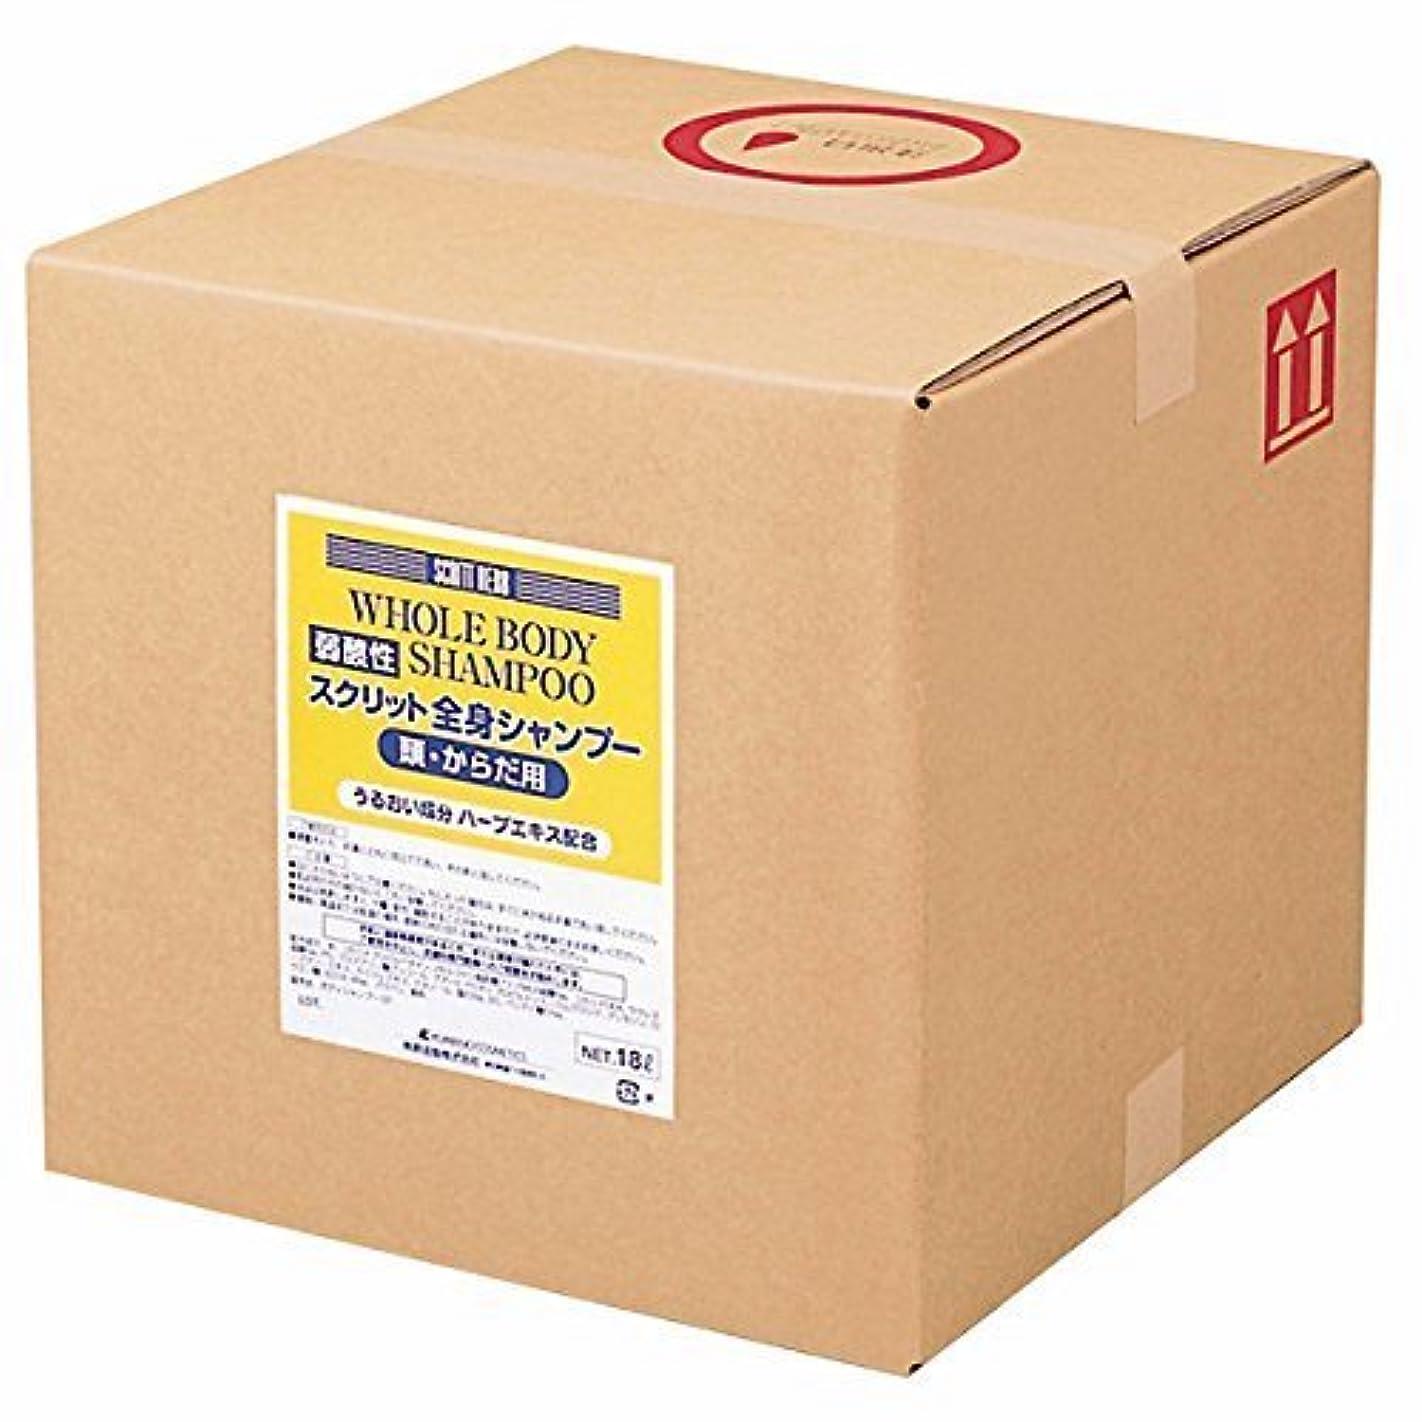 クリップ蝶食事を調理する設置業務用 SCRITT(スクリット) 全身シャンプー 18L 熊野油脂 (コック付き)